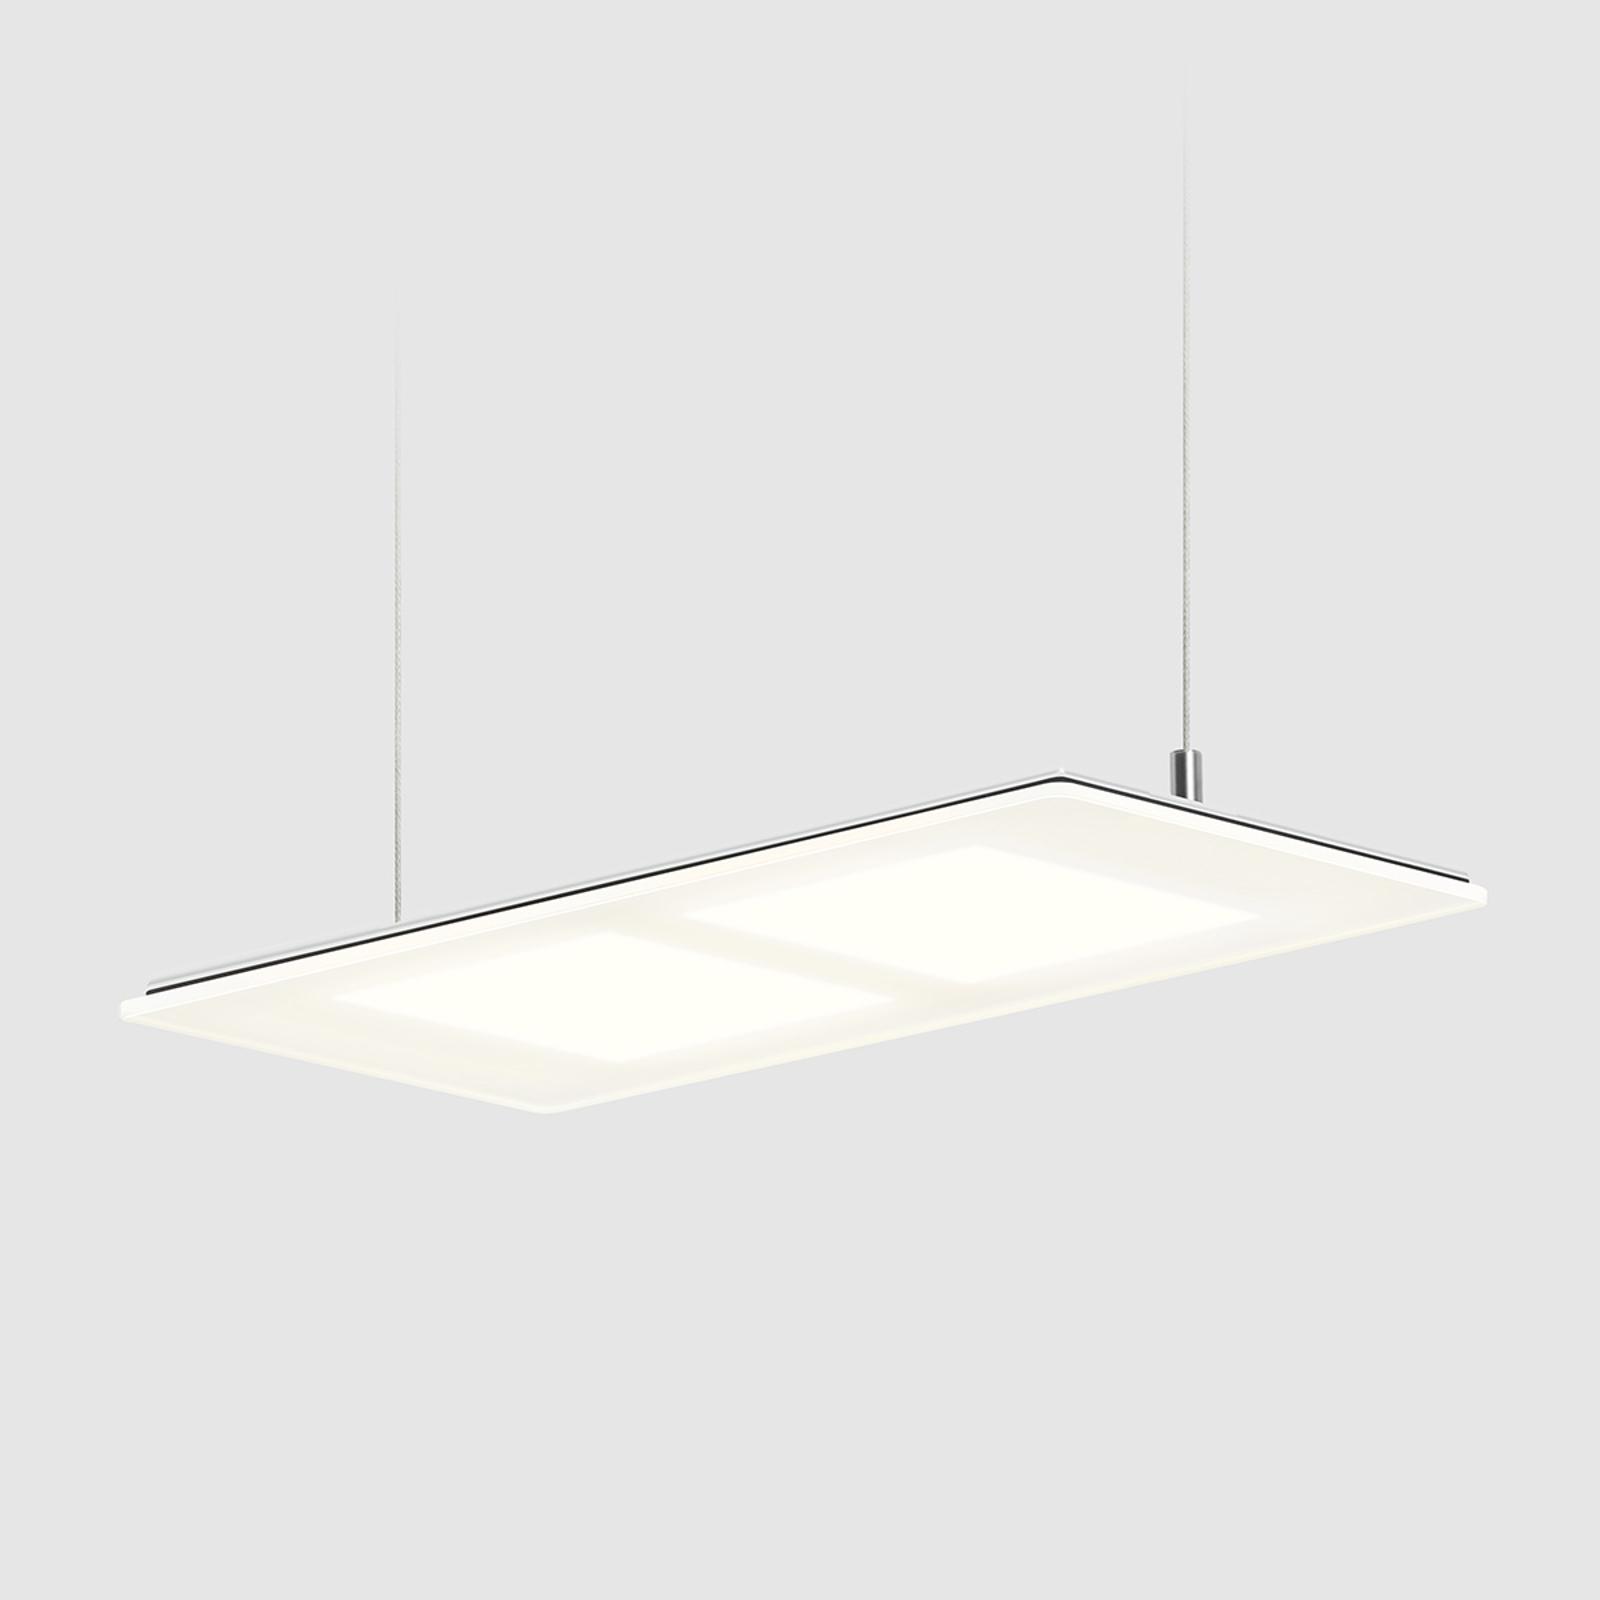 OMLED One s2 - witte OLED hanglamp